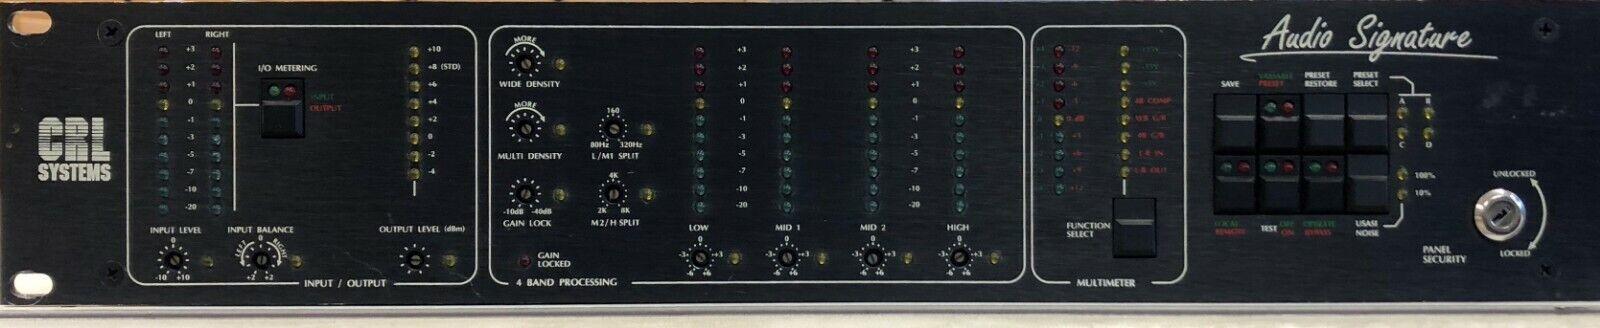 Firma de audio del sistema CRL